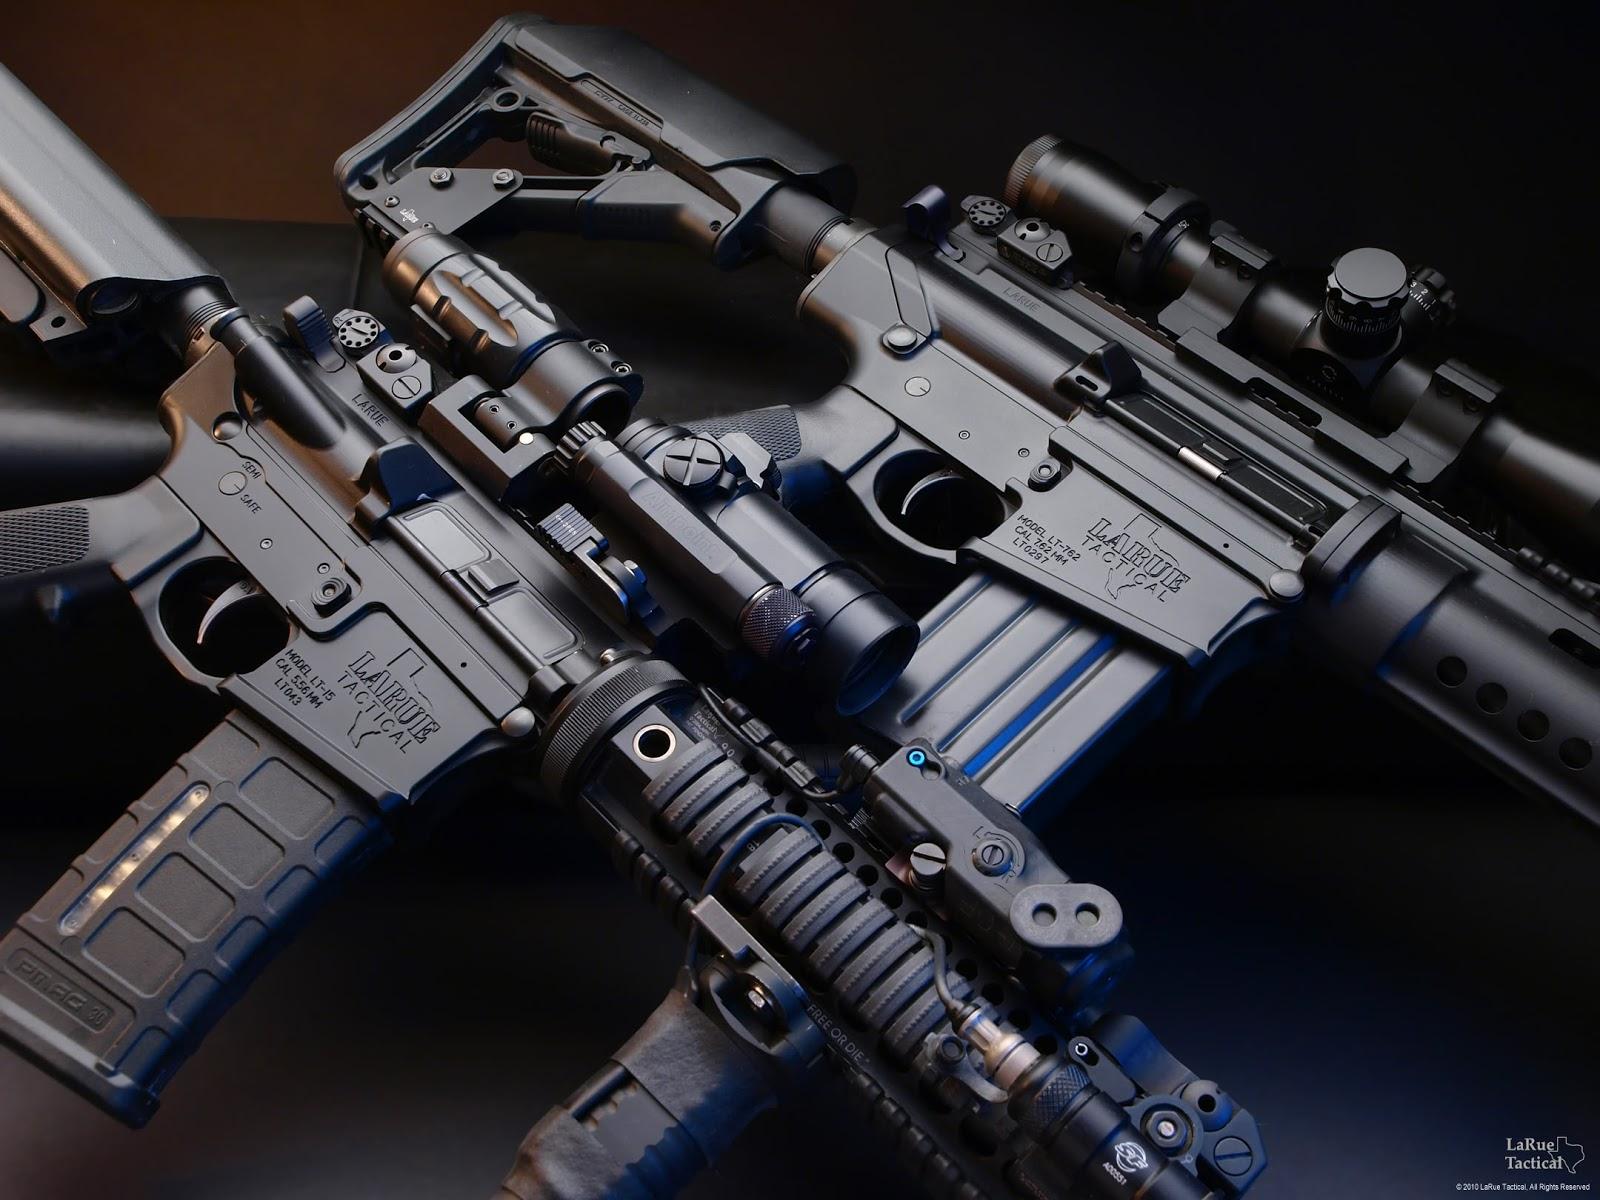 Guns amp Weapons Cool Guns Wallpapers 2 1600x1200